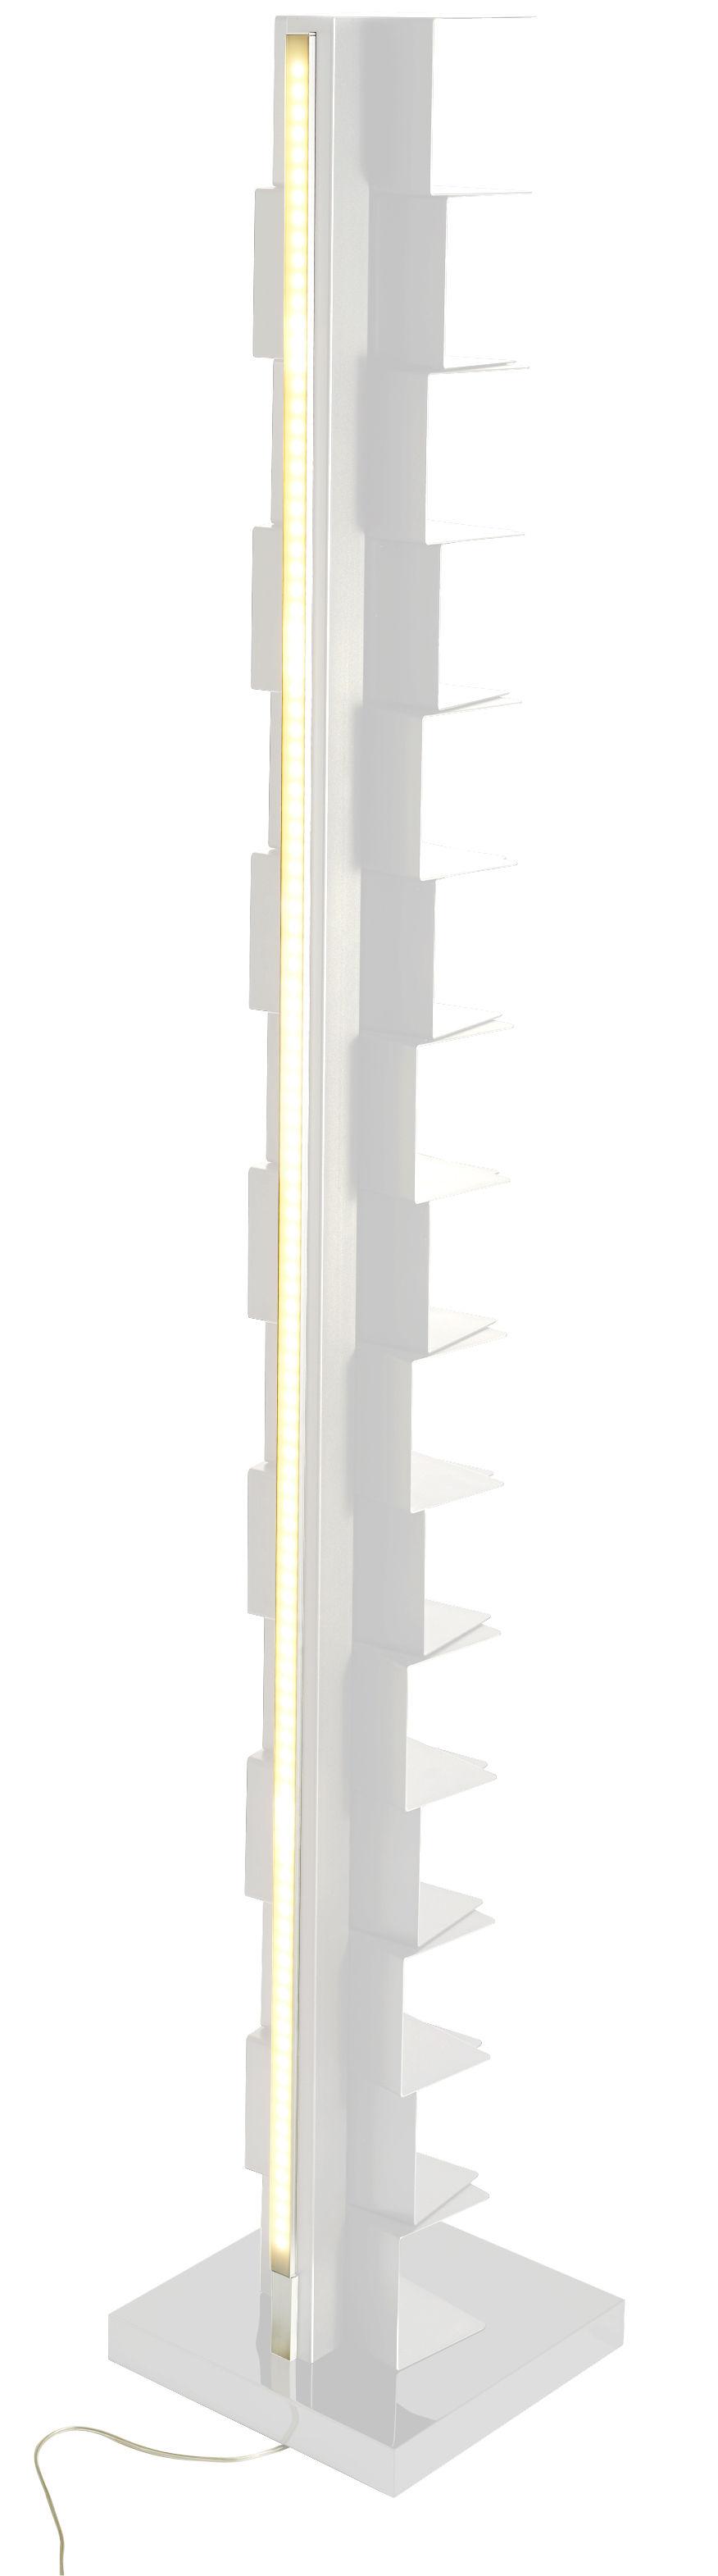 Mobilier - Etagères & bibliothèques - Bibliothèque lumineuse Ptolomeo Luce / LED - H 215 cm - Opinion Ciatti - Blanc - Acier laqué